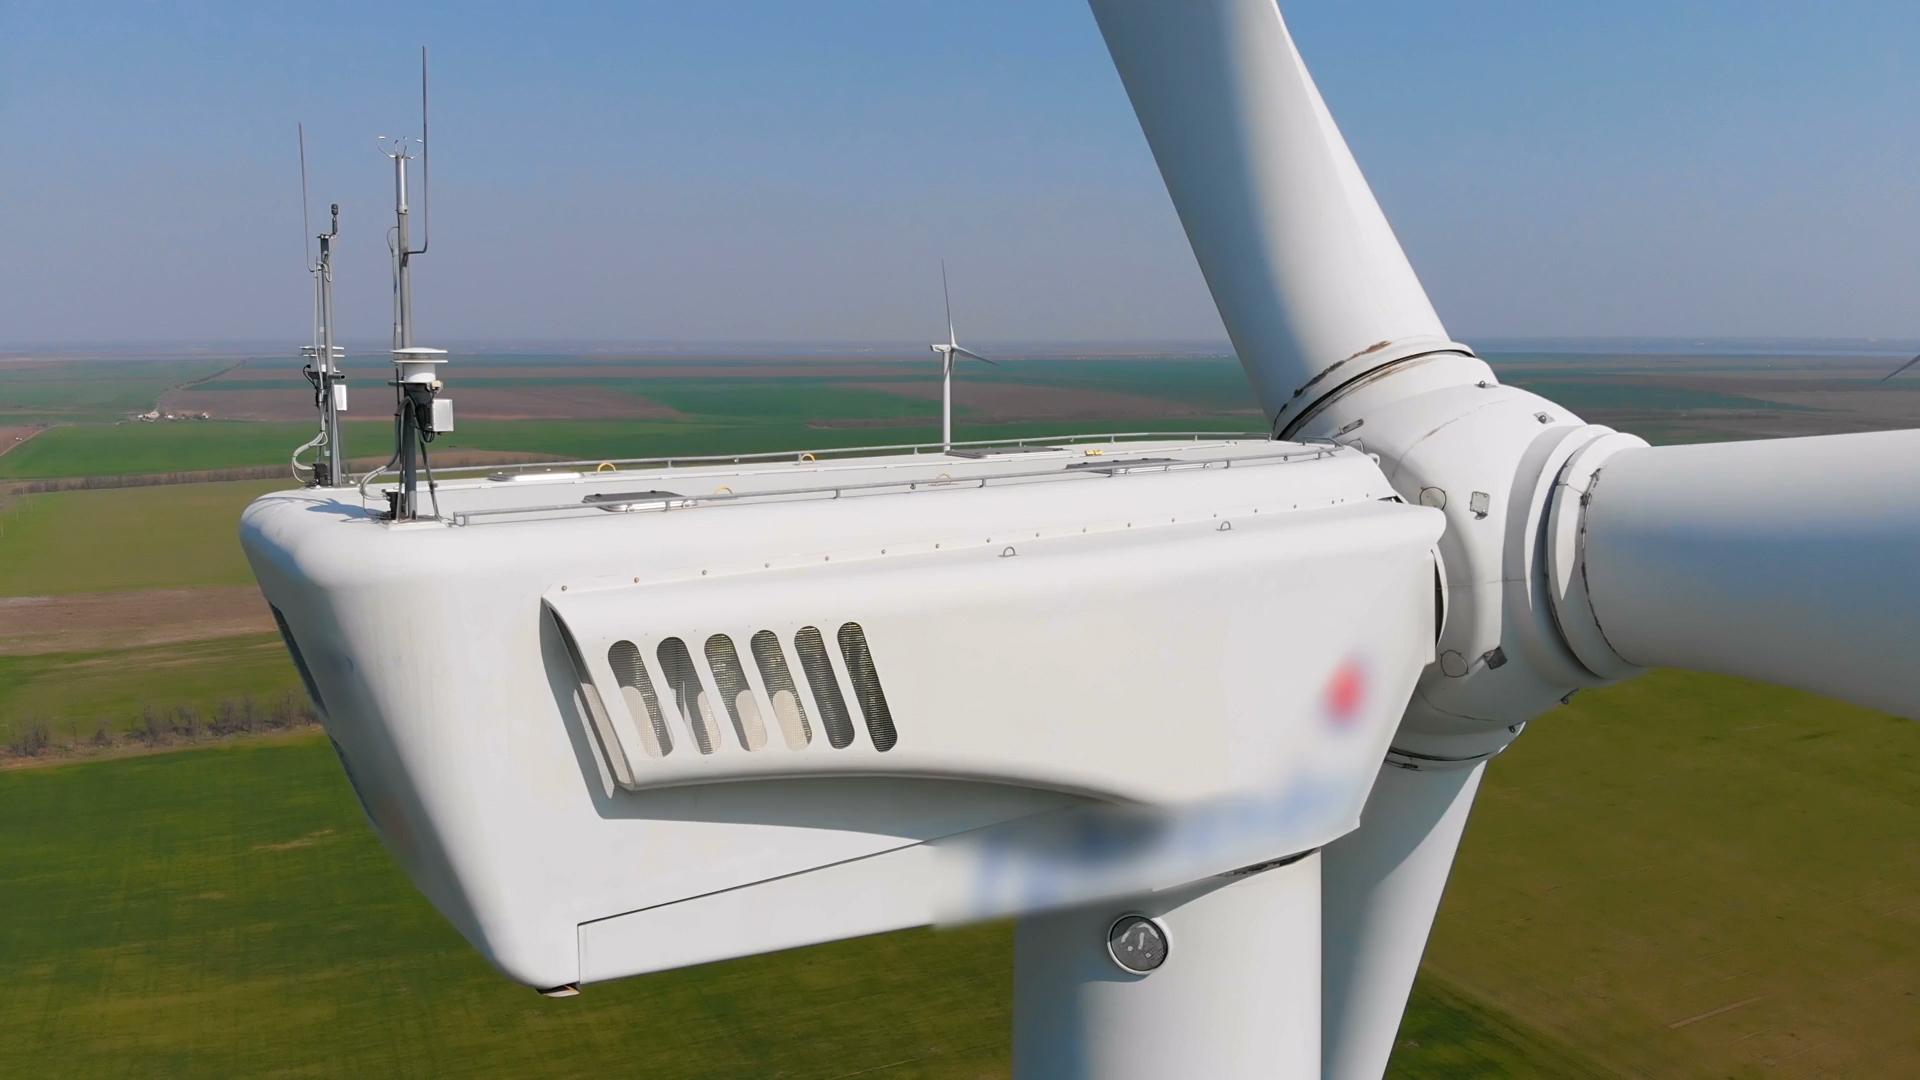 slider settore eolico soluzioni per incollaggio pale eoliche